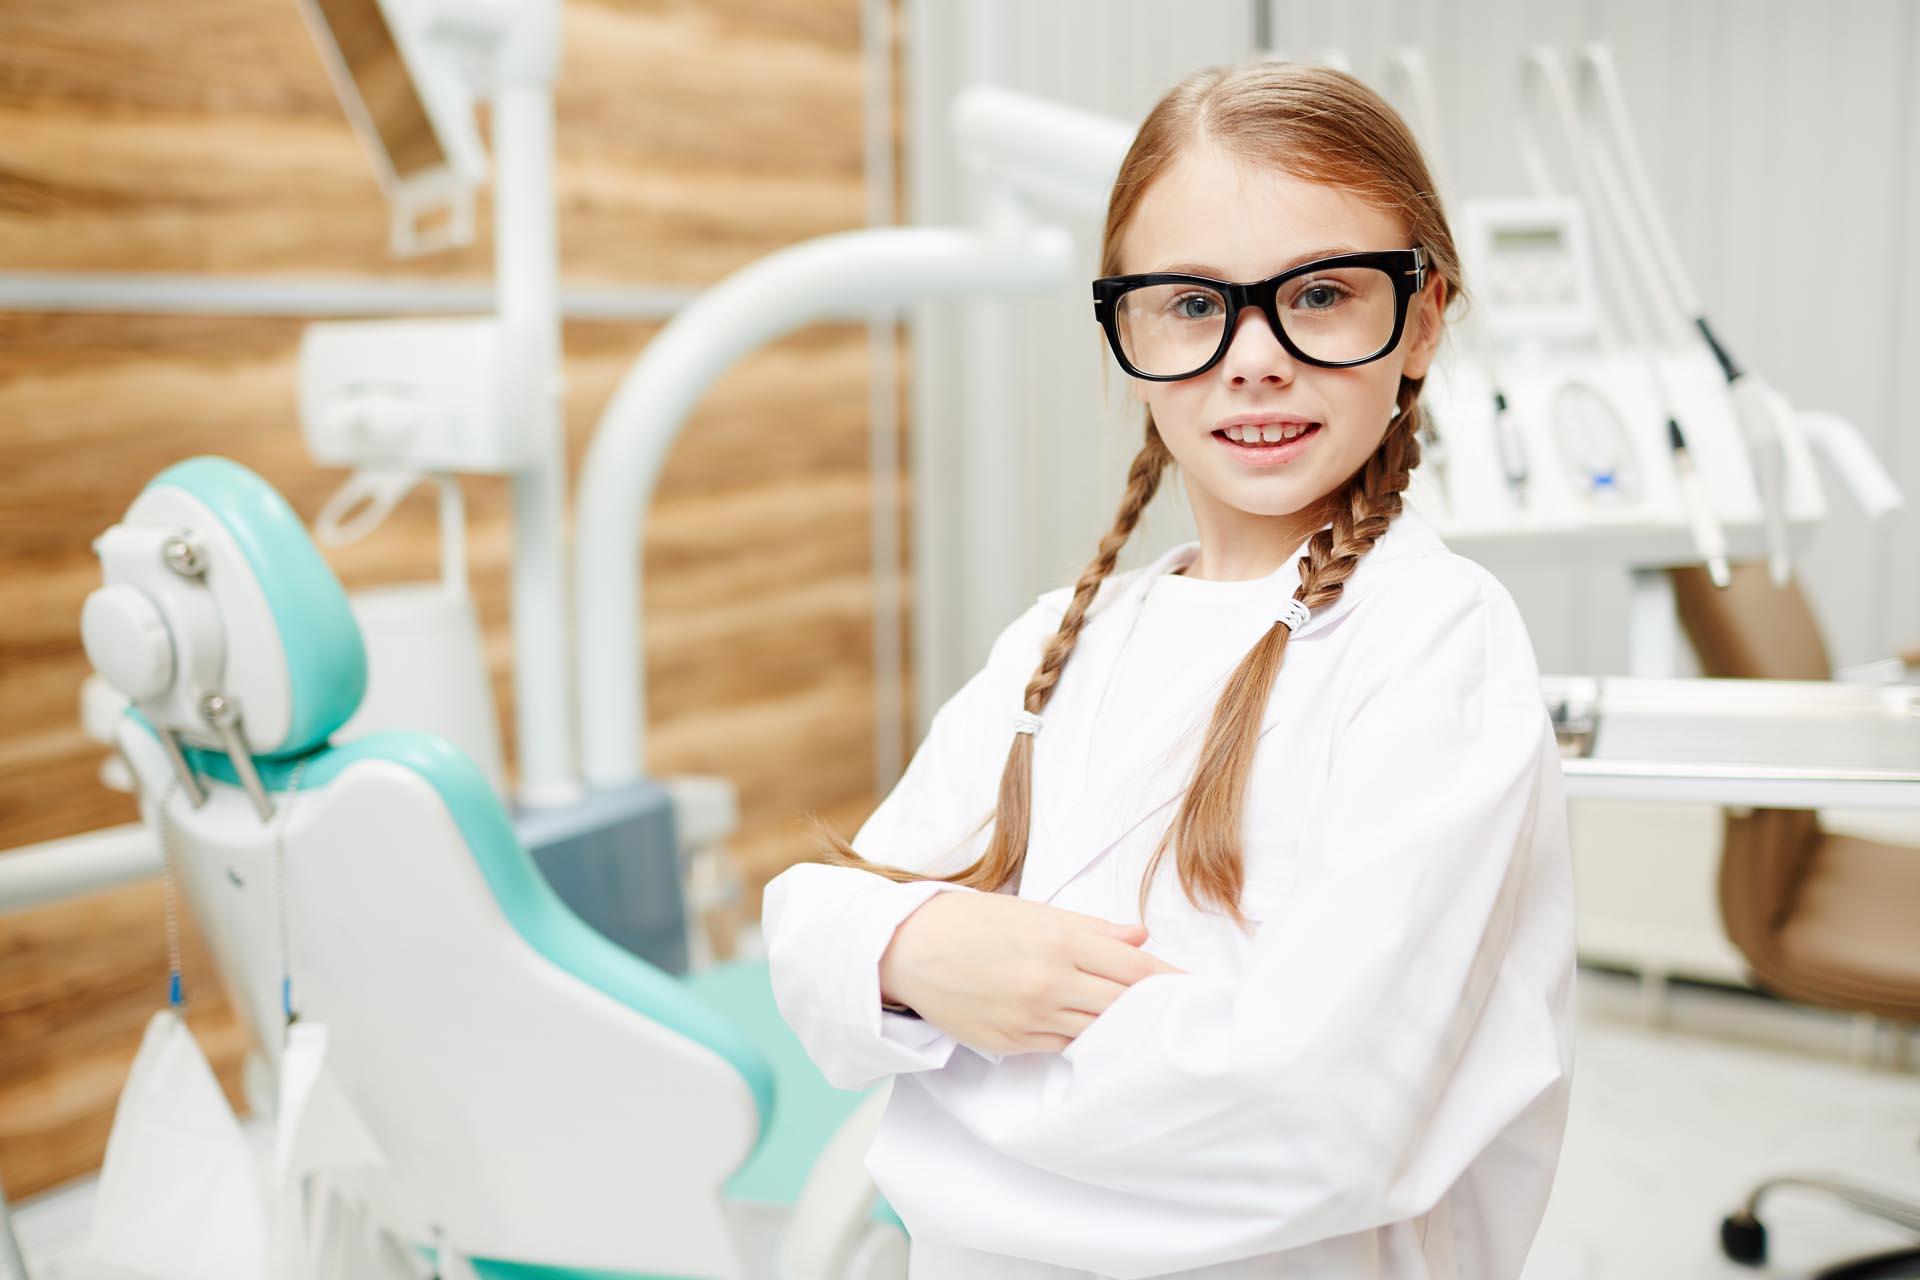 pregled zubi – ortodoncija – dječja ortodoncija – Invisalign First - Invisalign Teen Comprehensive – blog – dr. Bilan